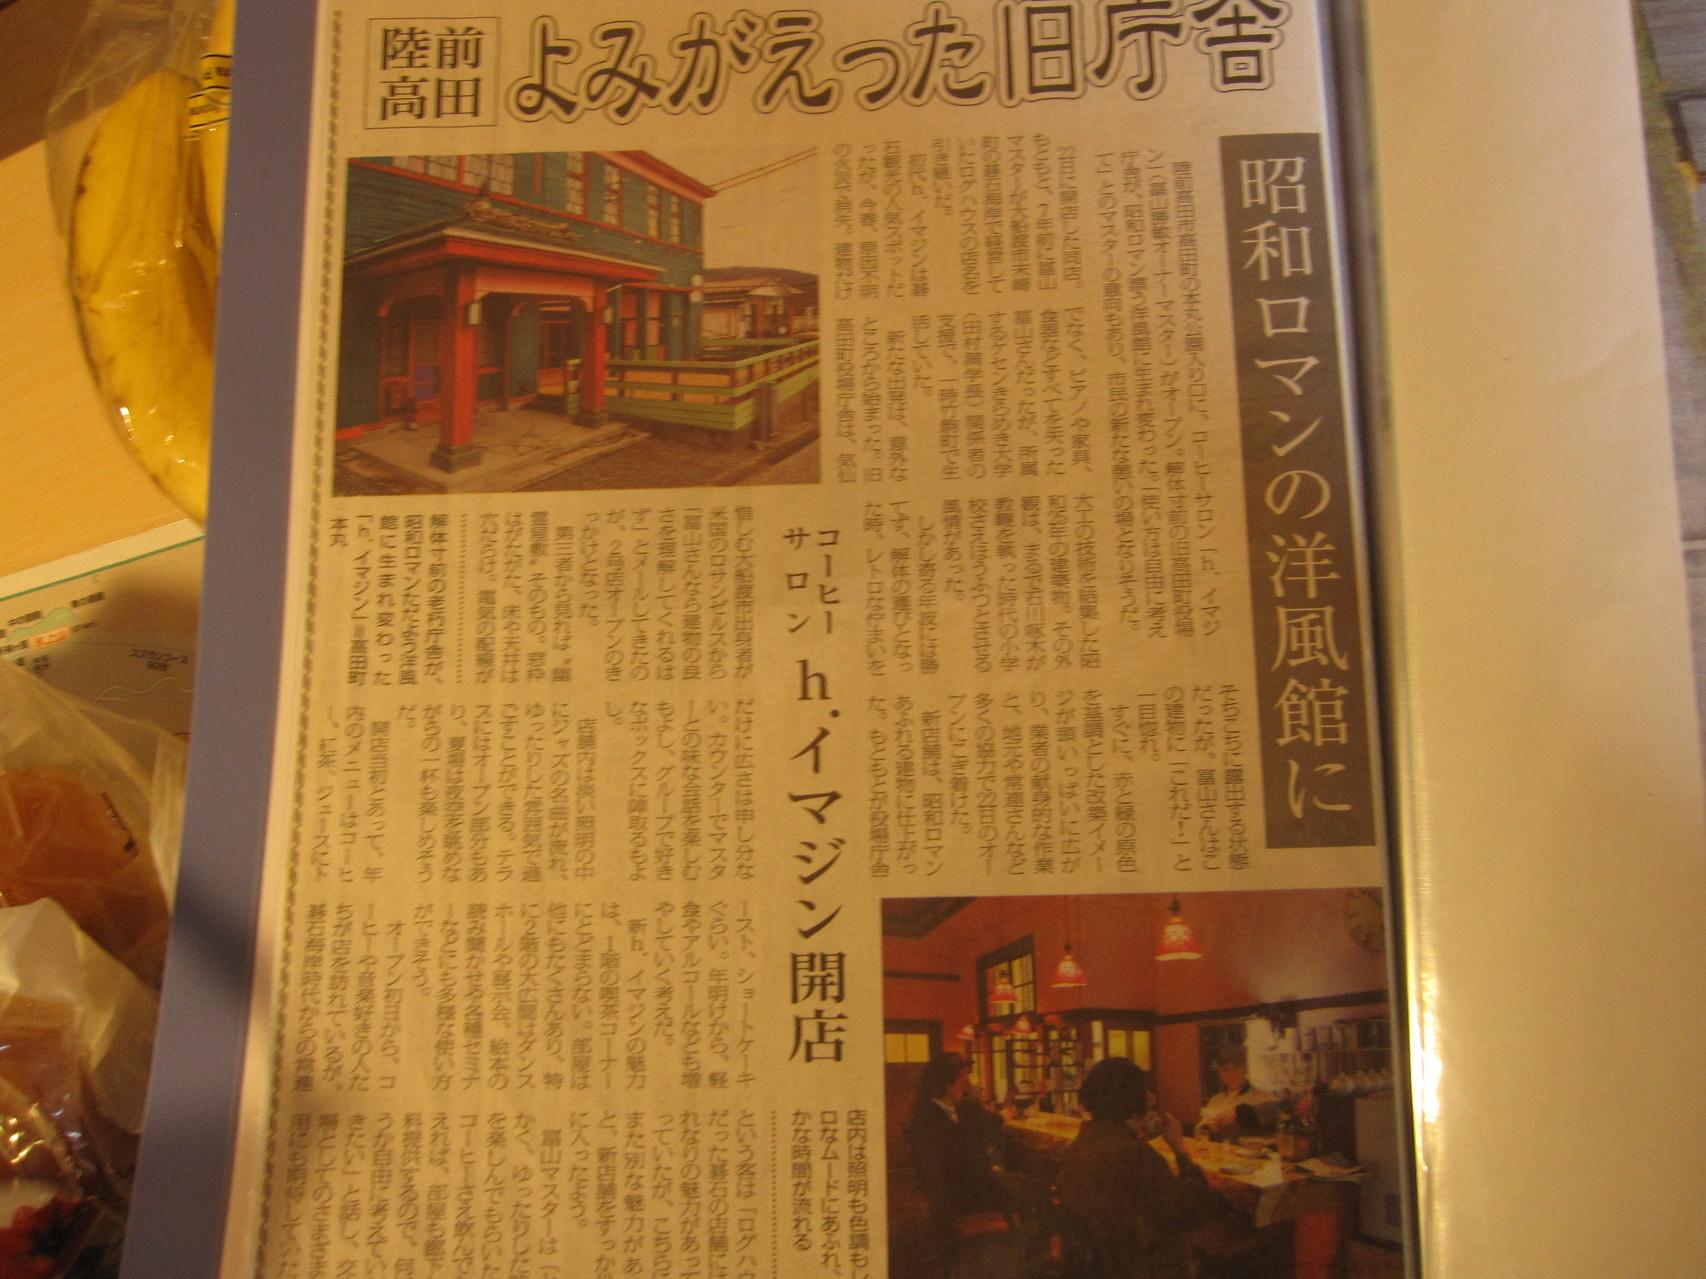 当時のh.イマジン開業が新聞記事で紹介